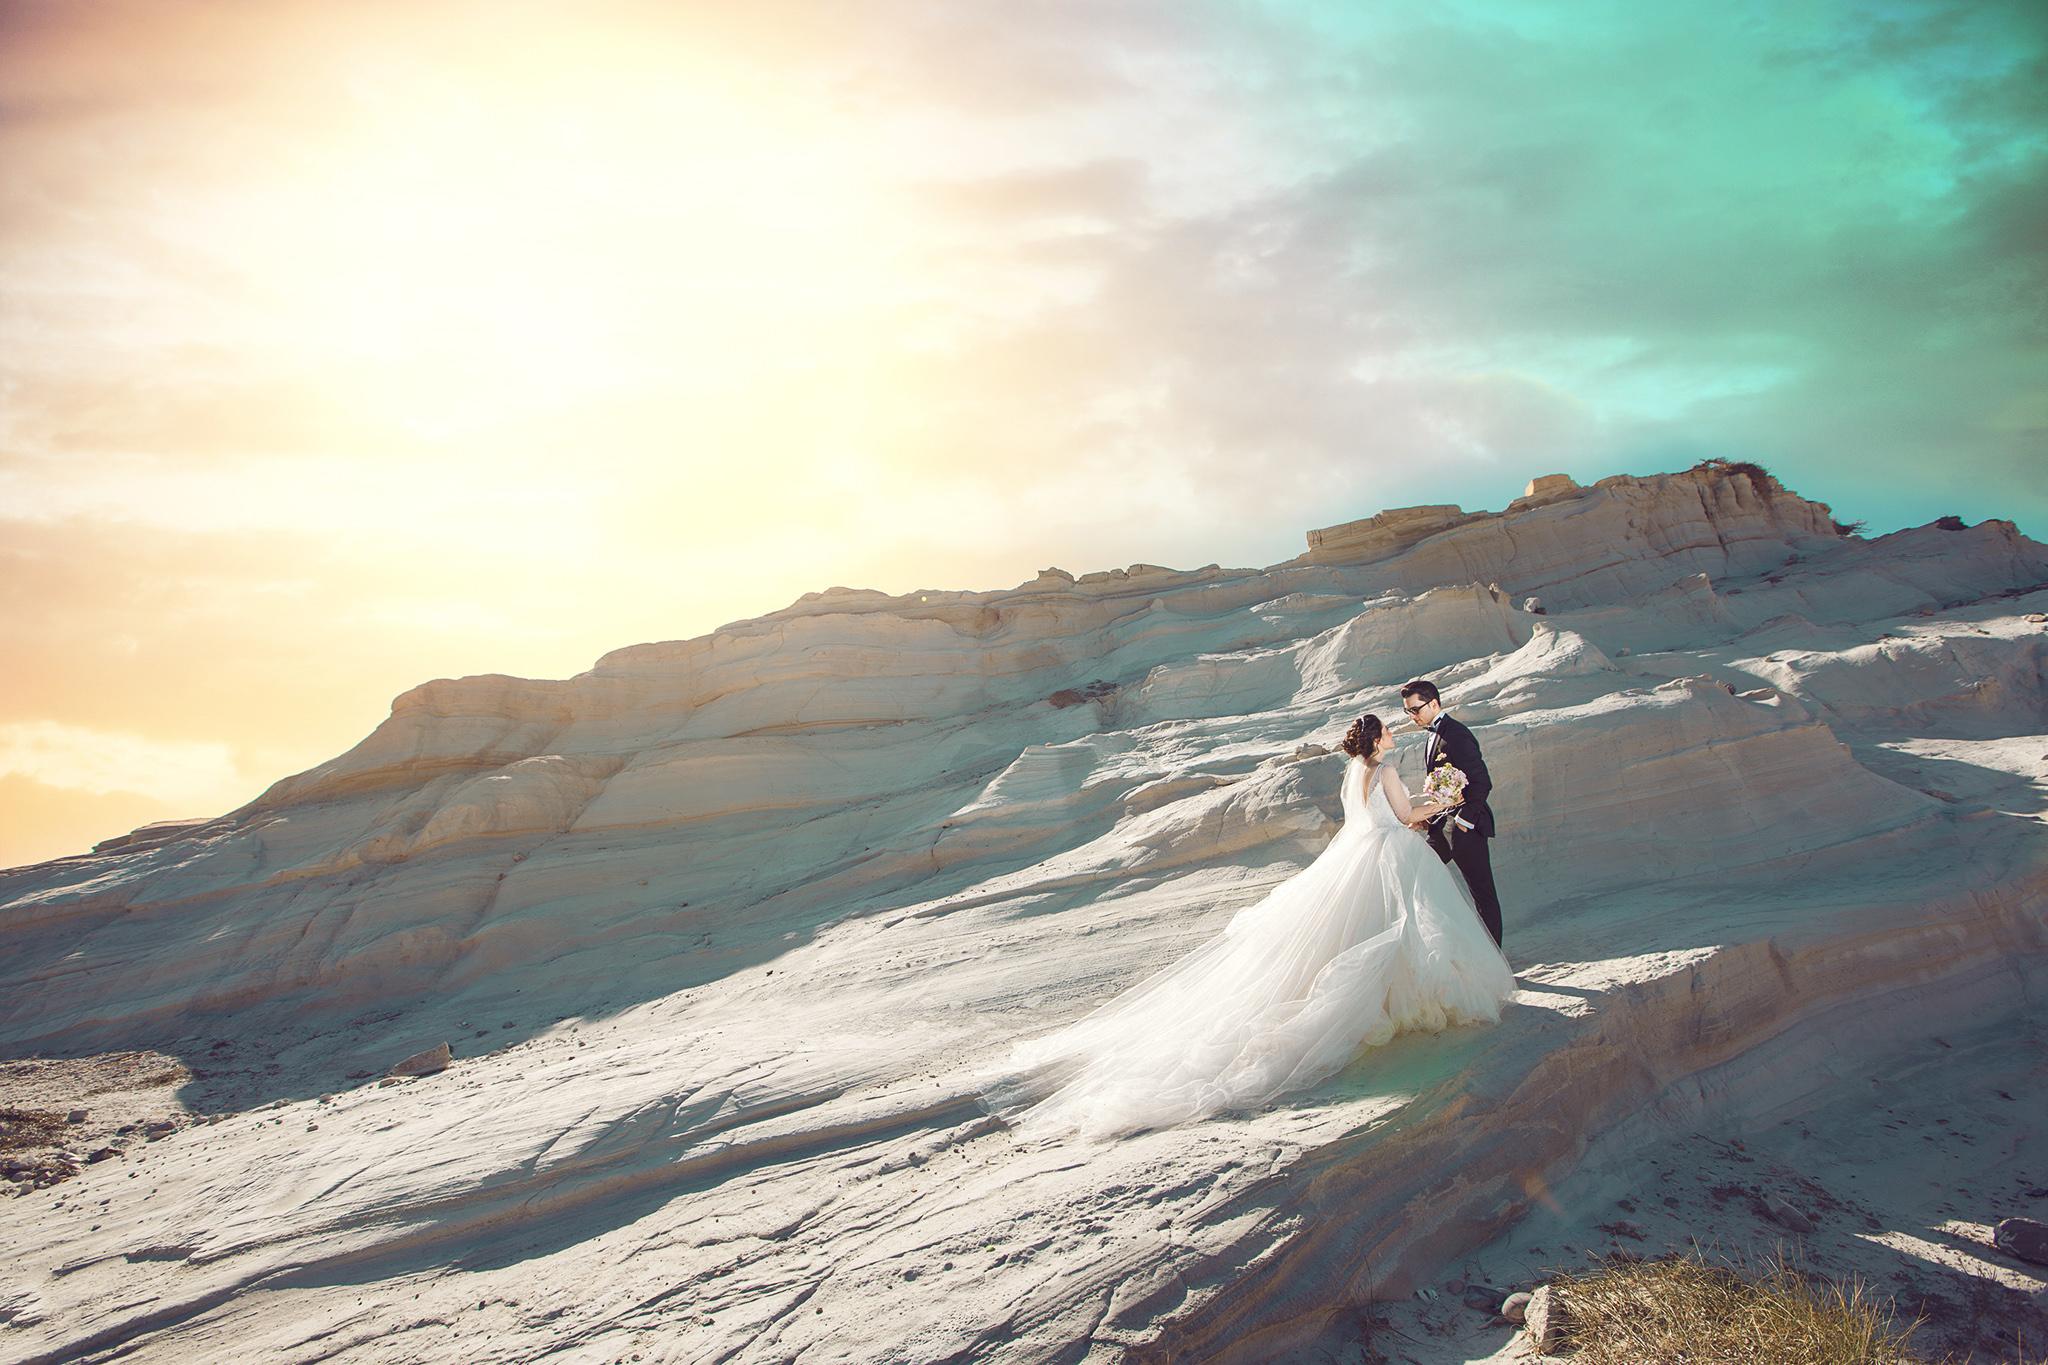 2016 Düğün Fotoğrafcılığı Kısa Belgeselim